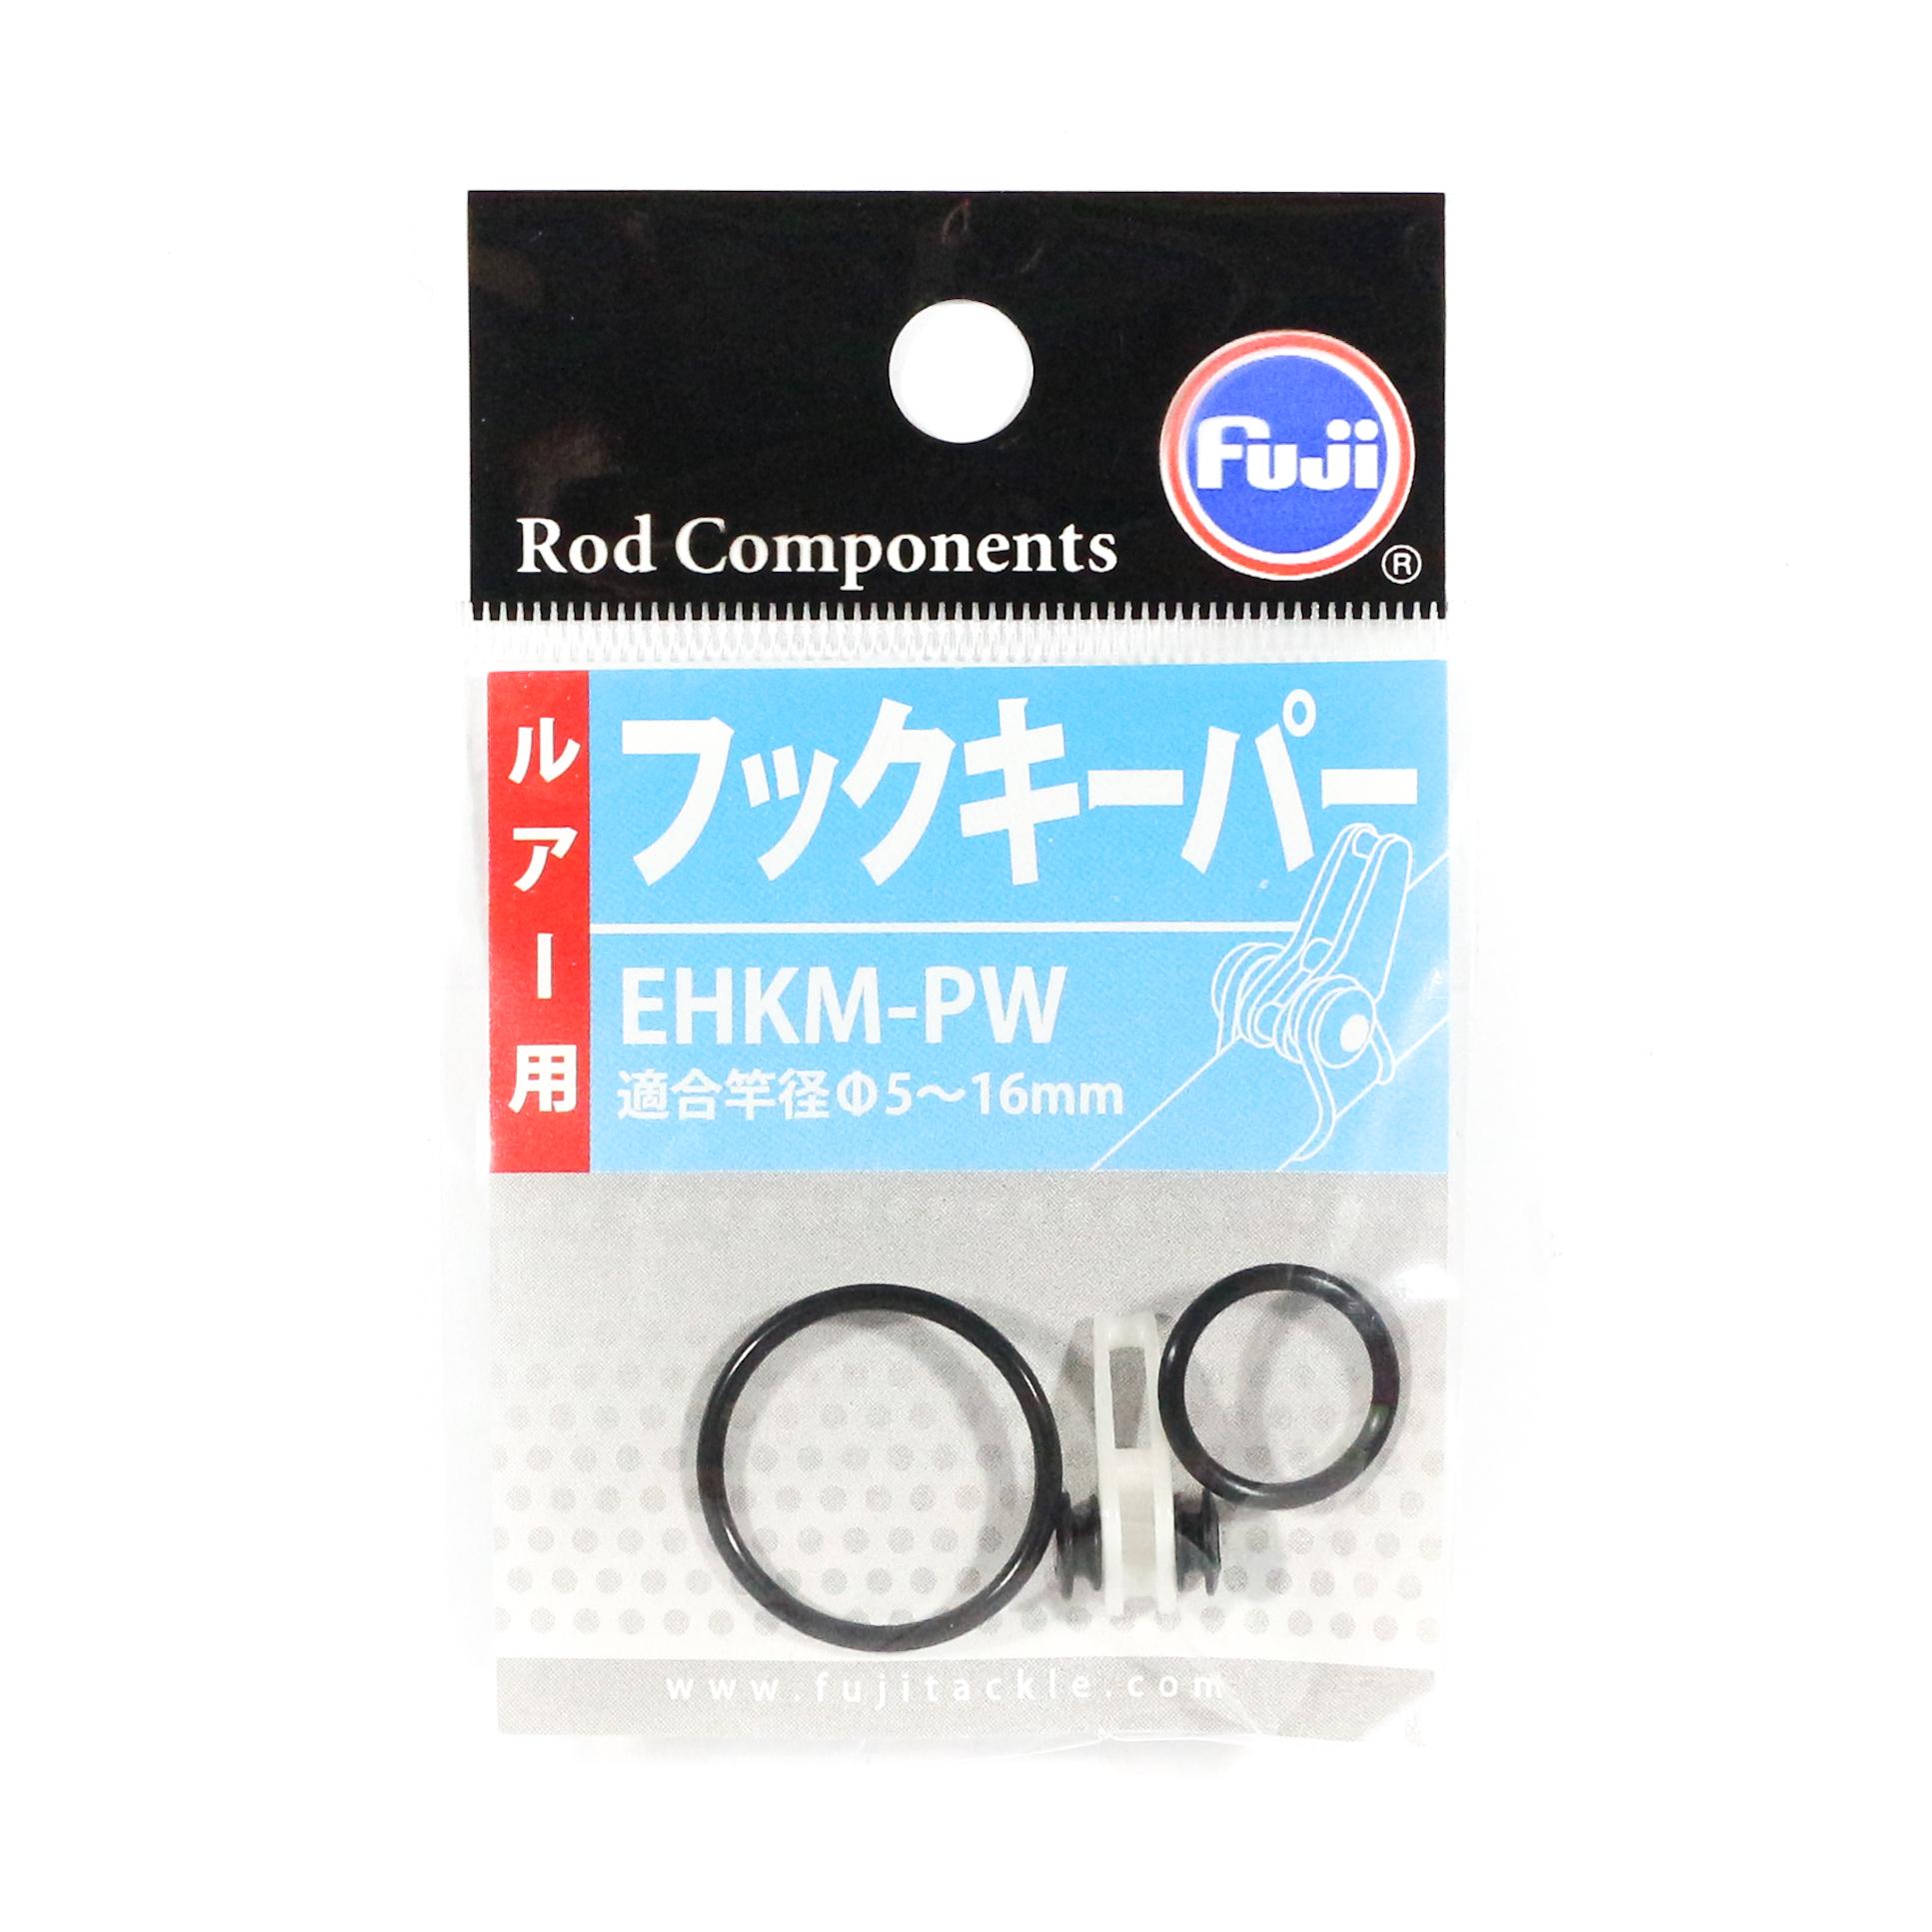 Fuji Adjustable Plastic Hook Keeper PW (1607)